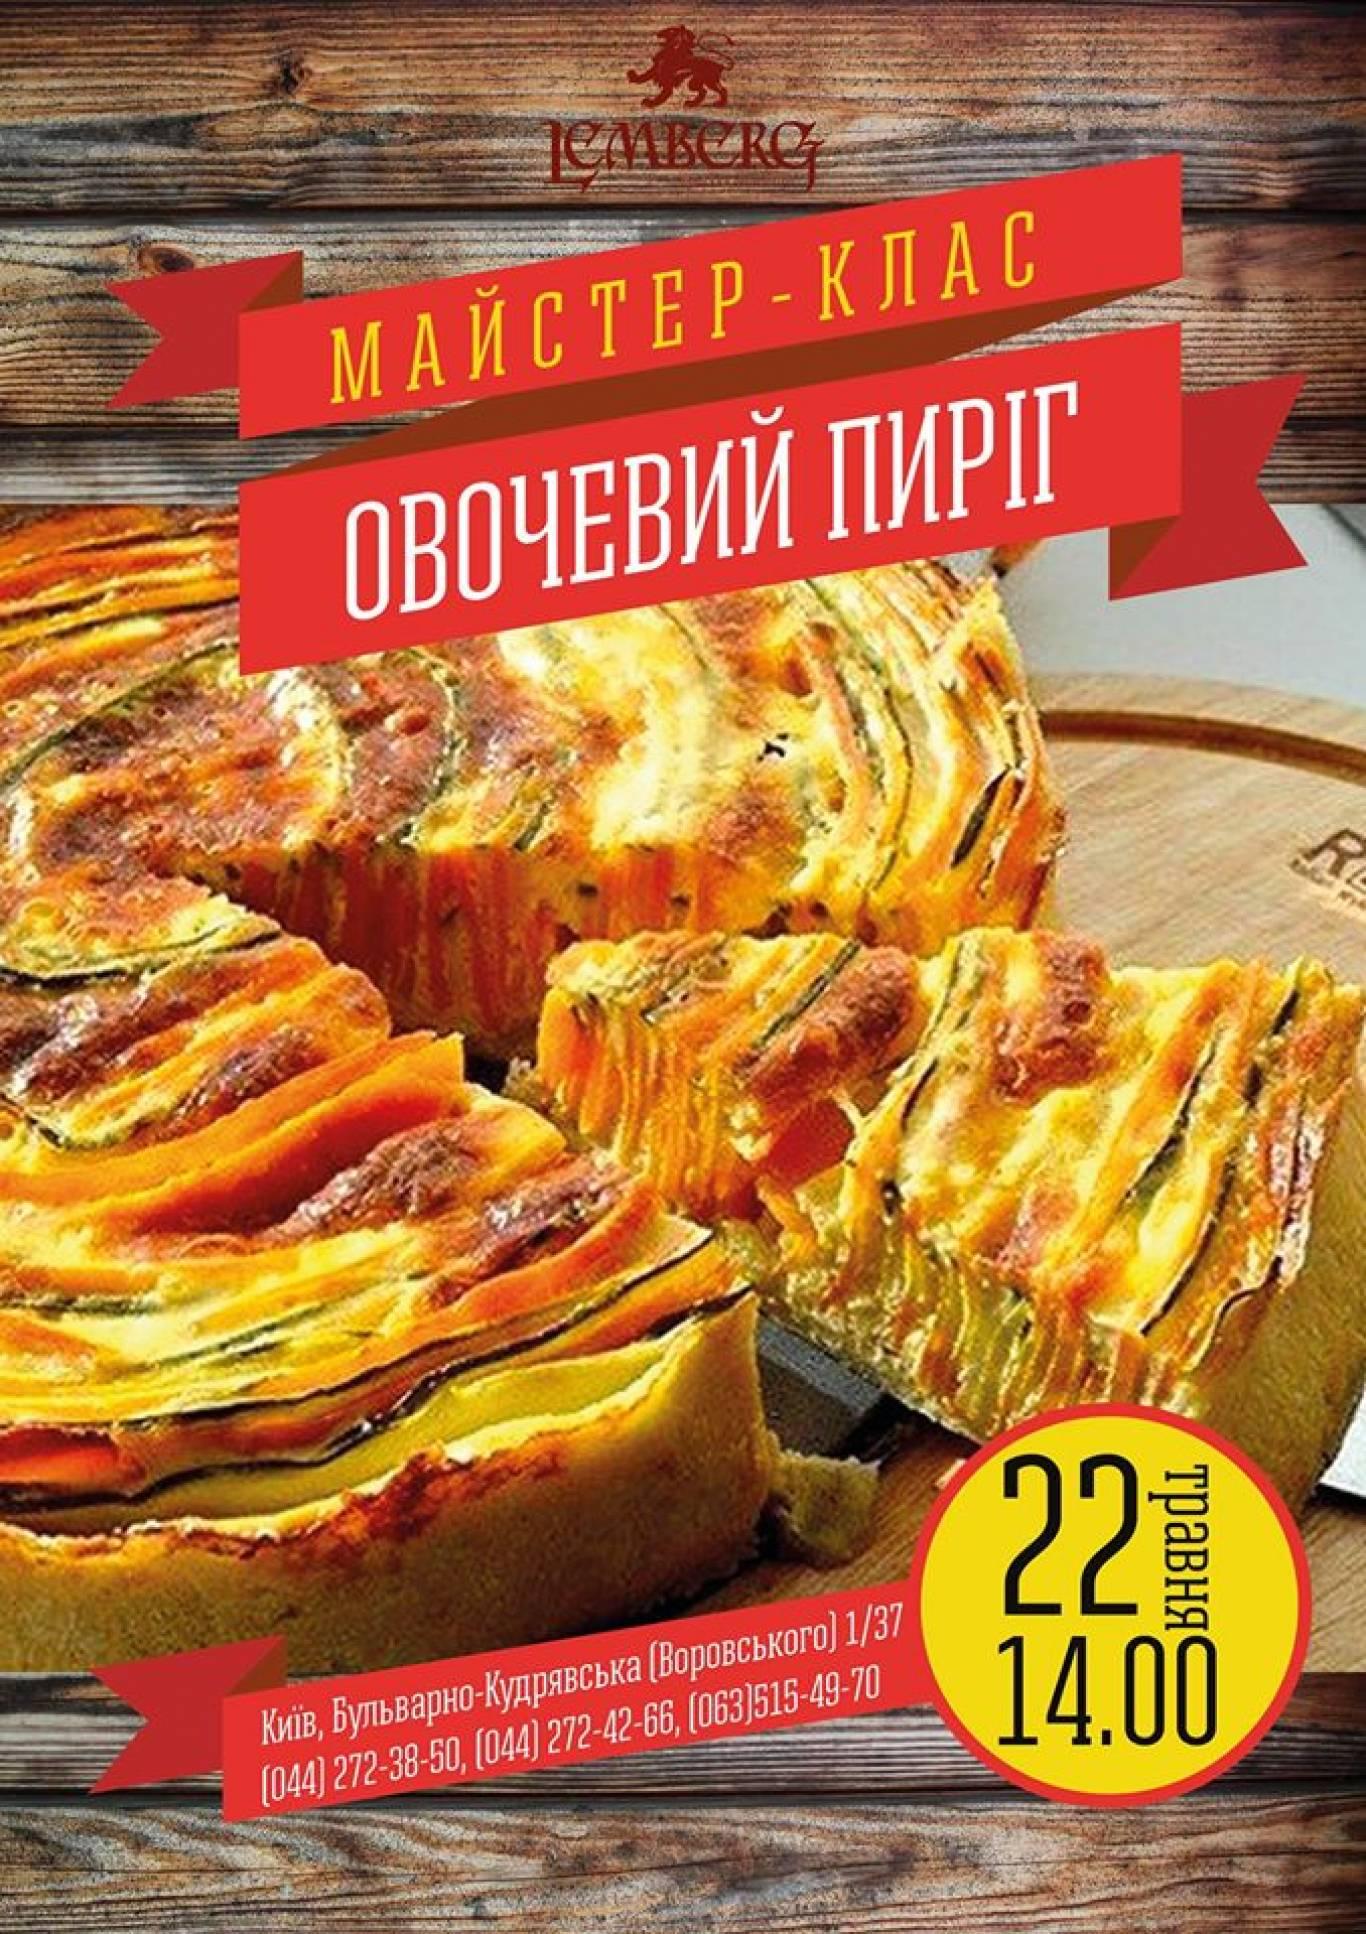 """Кулінарний майстер-клас """"Овочевий пиріг"""" в ресторації """"Lemberg"""""""